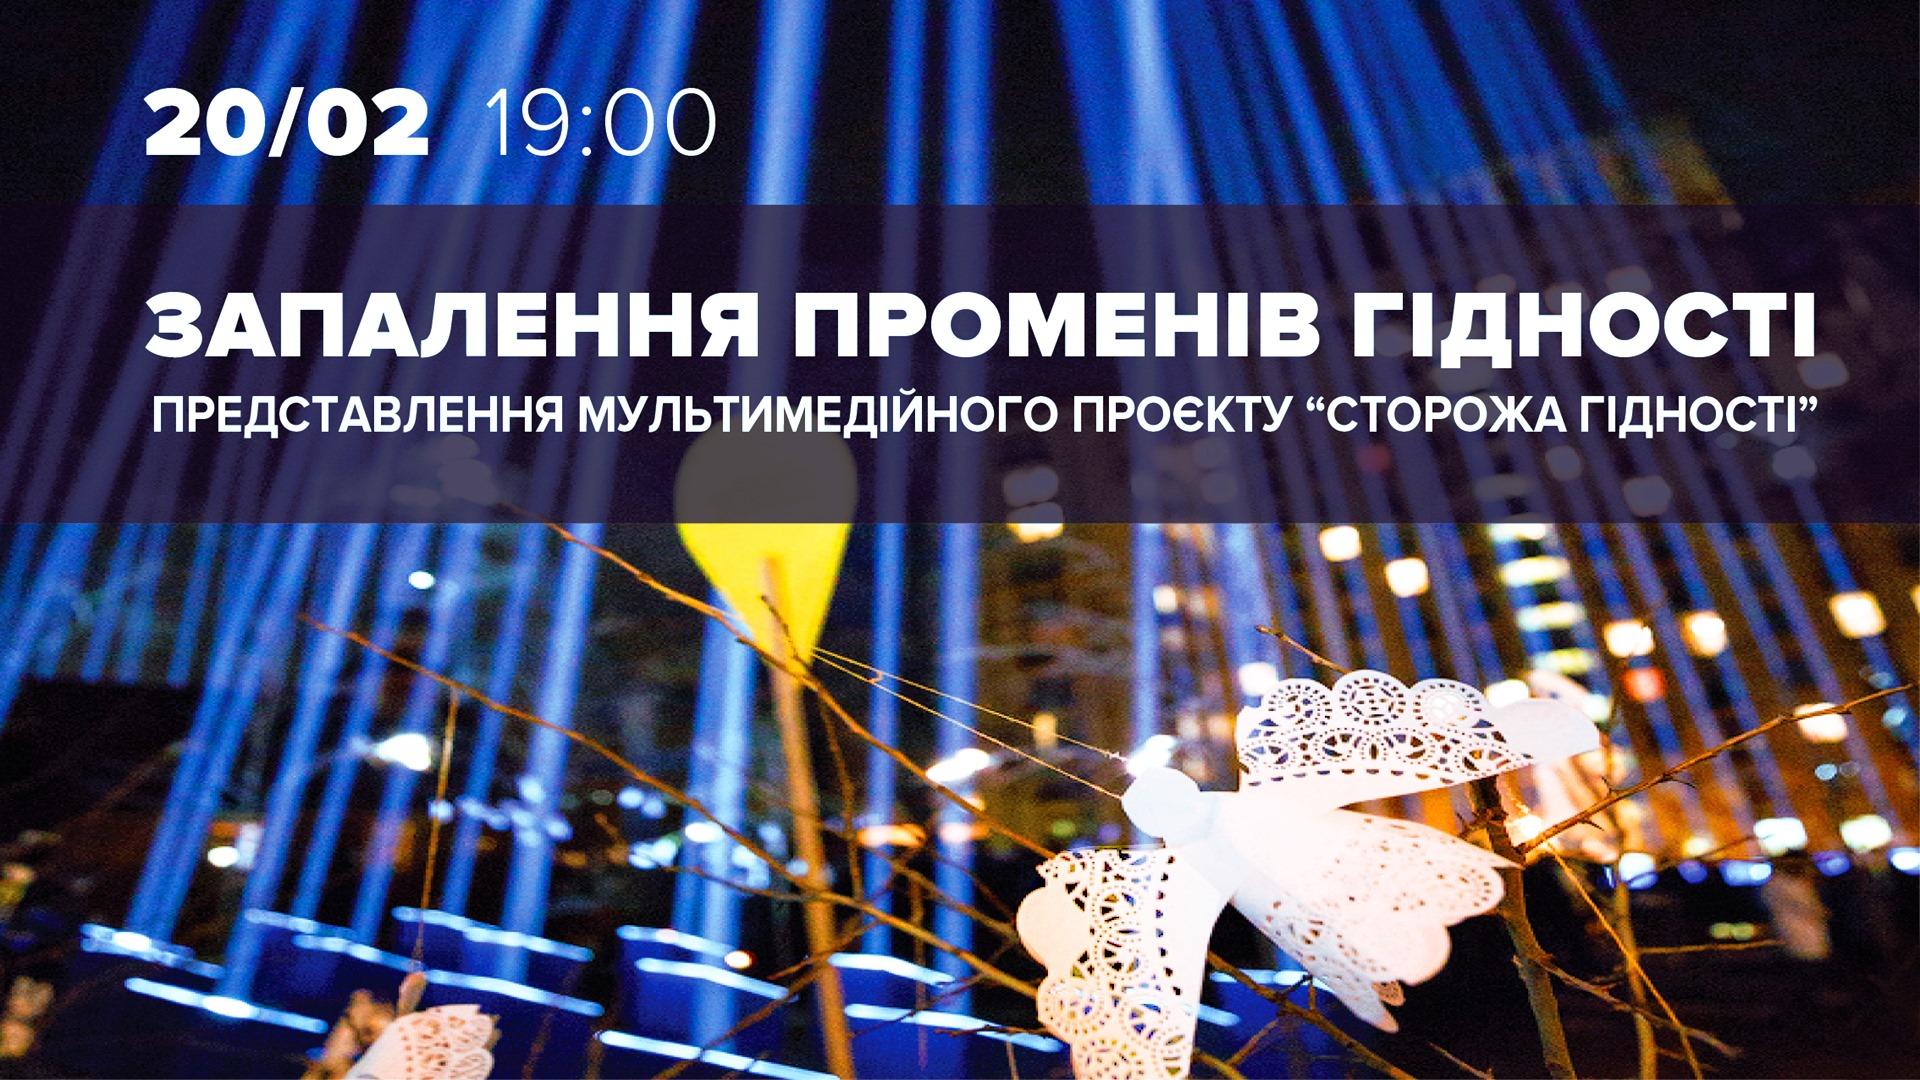 Увечері 20 лютого у Києві запалають Промені Гідності - столиця, річниця, Революція Гідності, Заходи, Герої Небесної сотні - 152388279 2492896671017504 2797927809621072742 o